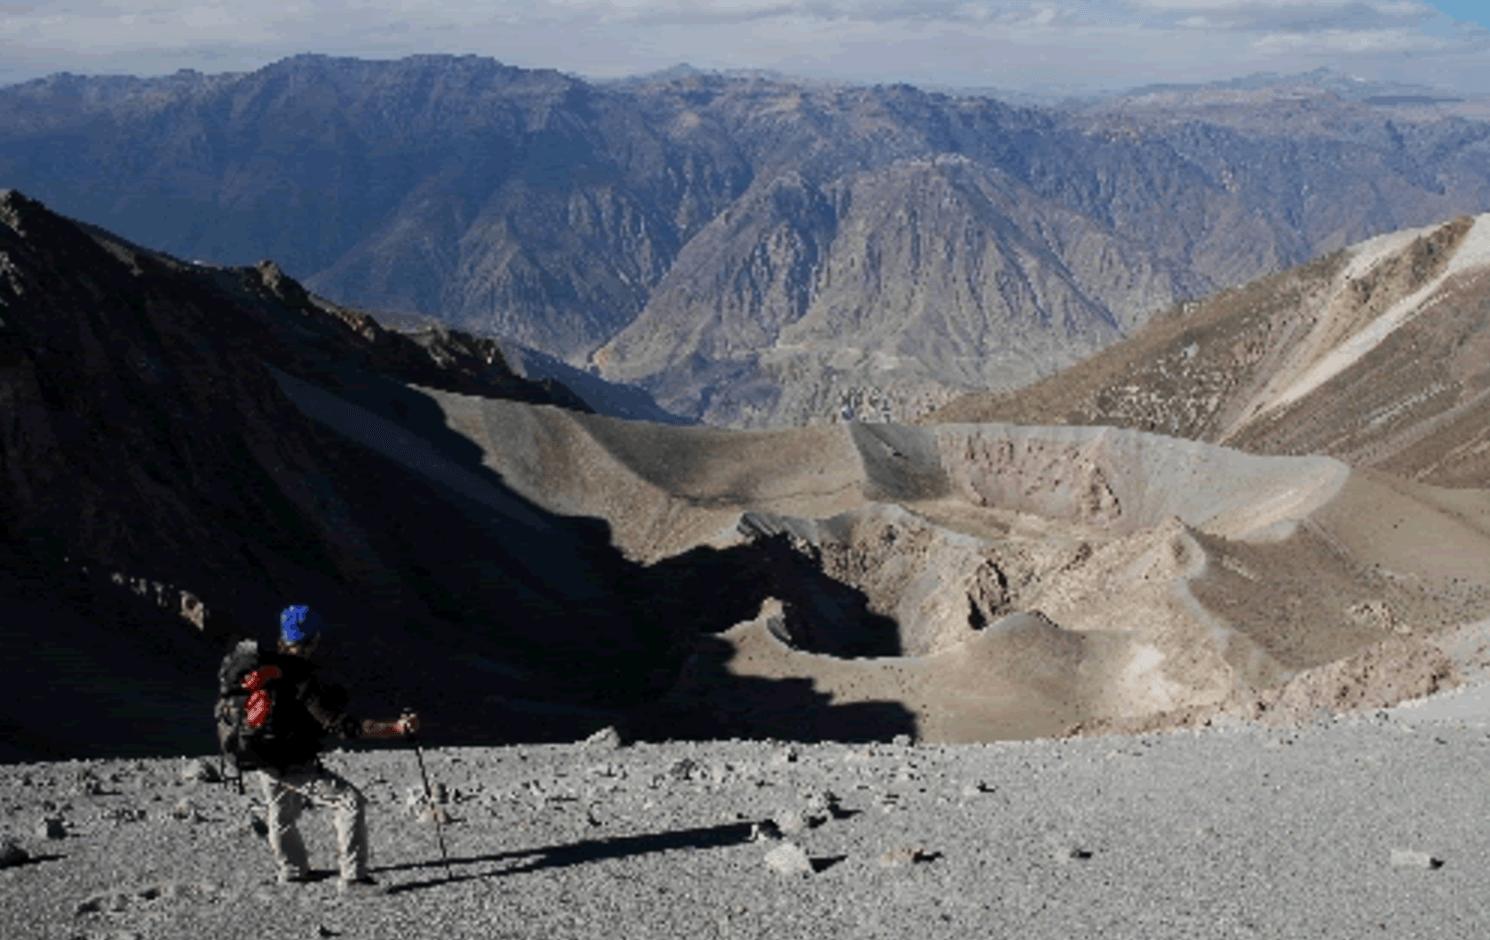 51 - Die 10 dramatischsten Vulkaneruptionen in der Menschheitsgeschichte